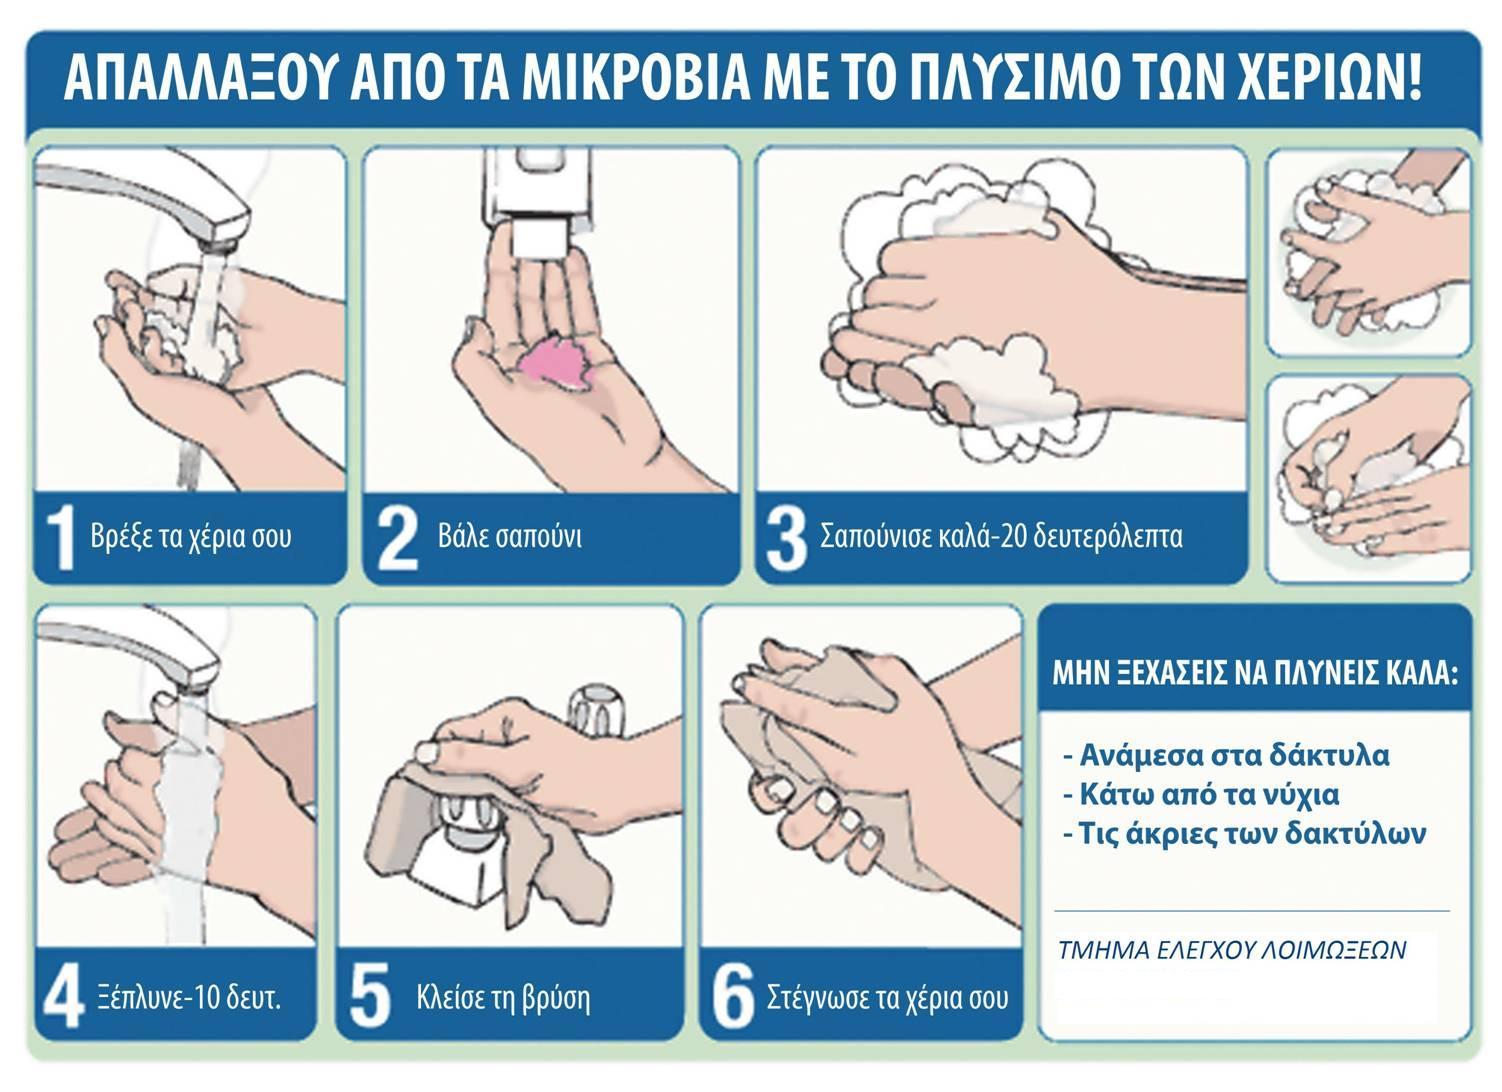 gripi_texniki_plysimo_xeriwn.jpg